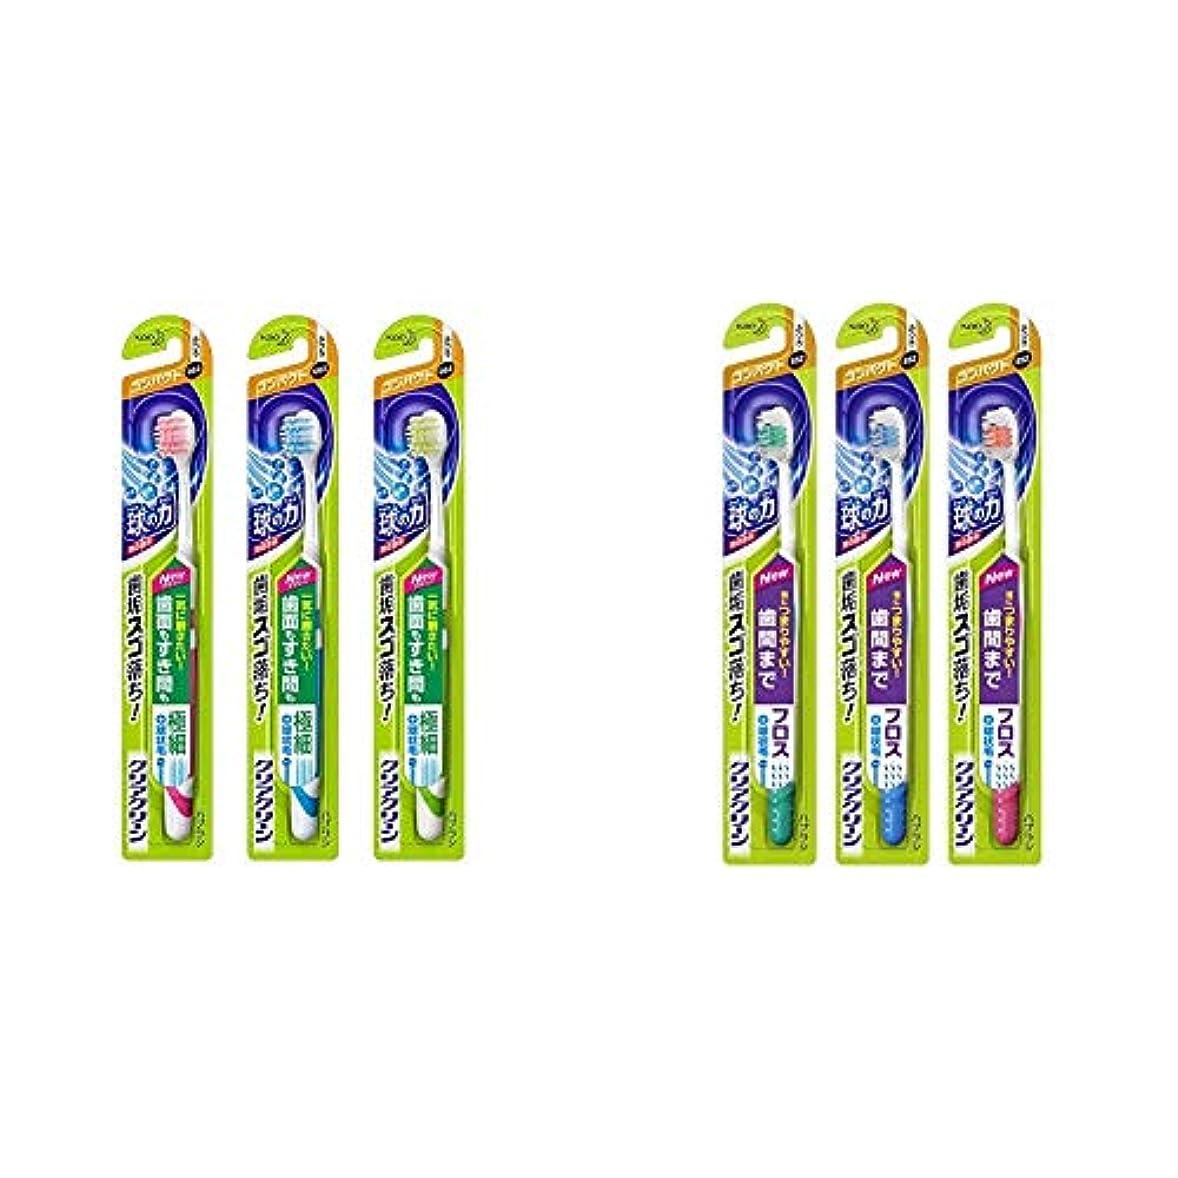 サミットブレーキ経由で【まとめ買い】クリアクリーン 歯面&すき間プラス コンパクト ふつう 3本セット(※色は選べません) & 歯間プラス コンパクト ふつう 3本セット(※色は選べません)